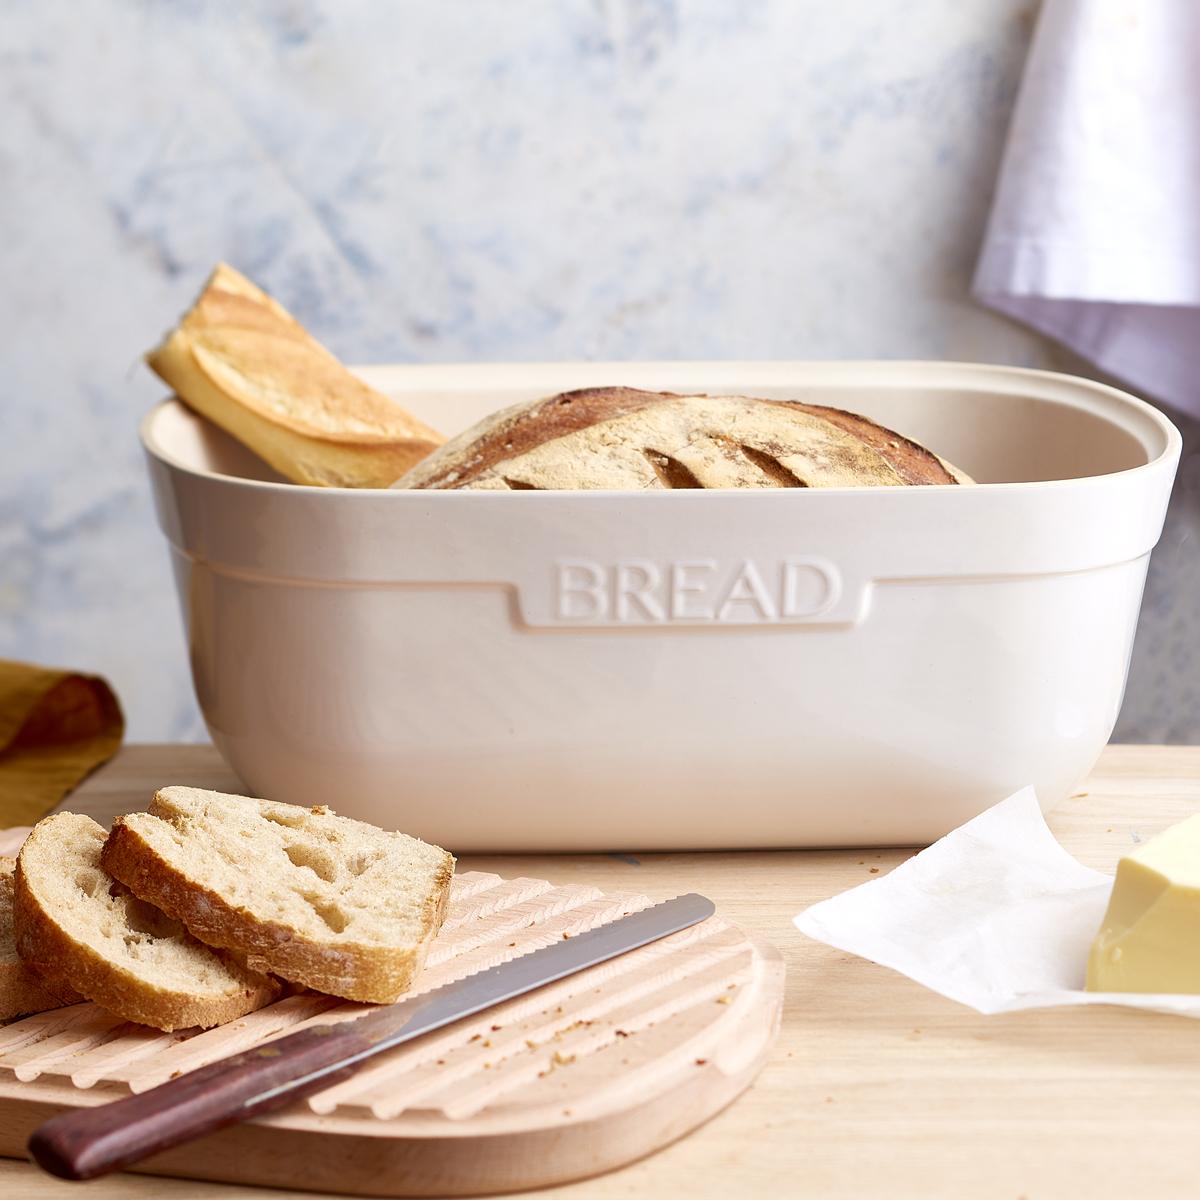 A tampa de madeira de faia protege e ajuda a conservar o pão.